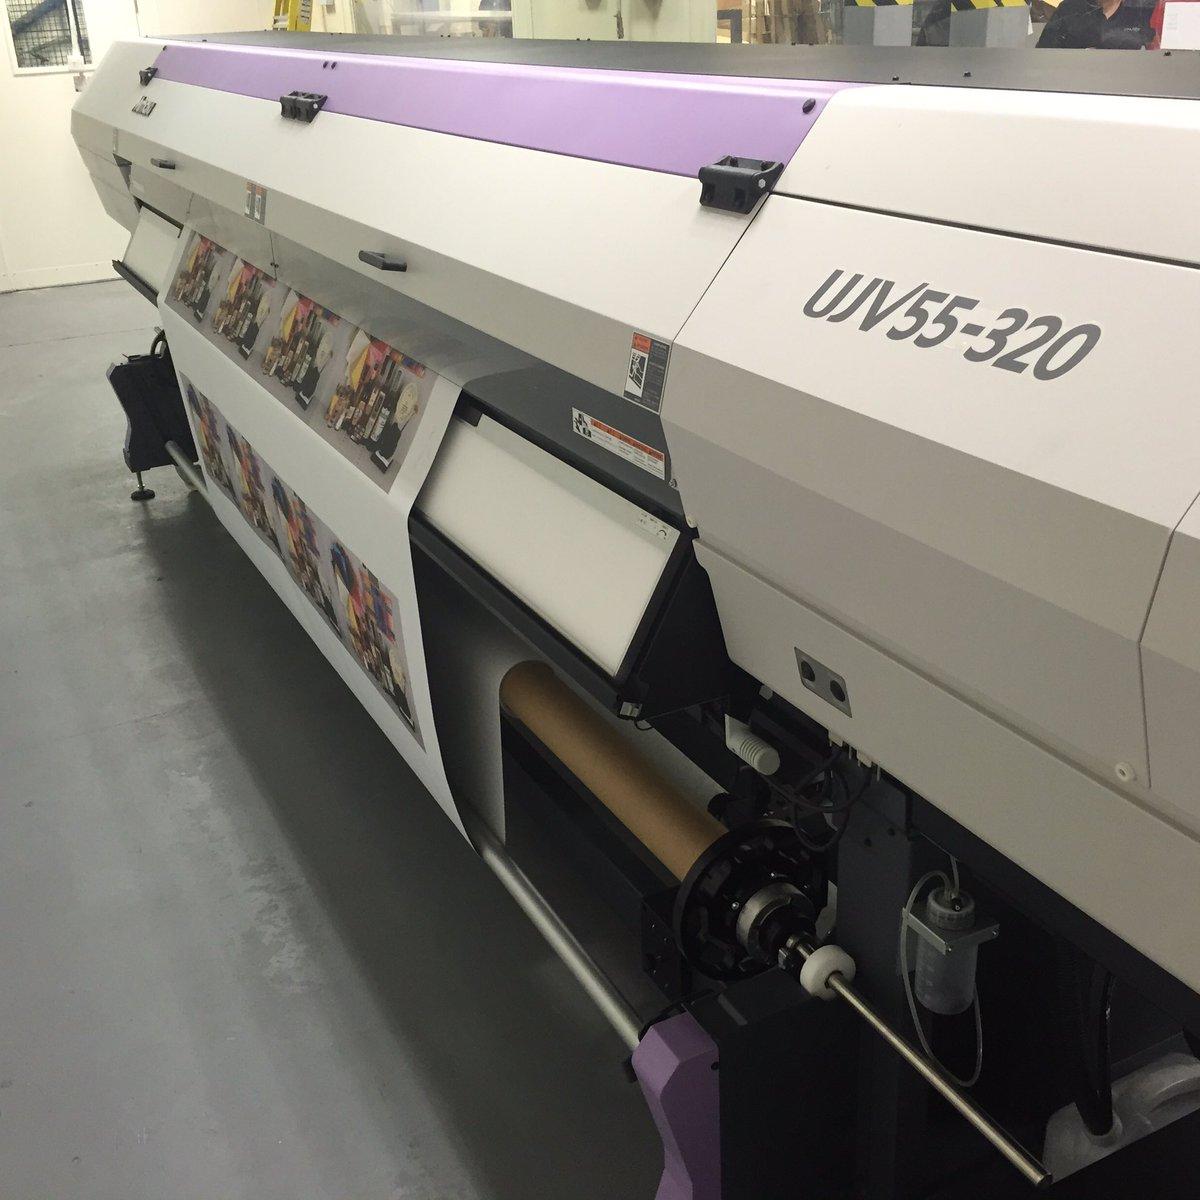 Mimaki UJV55-320 printer